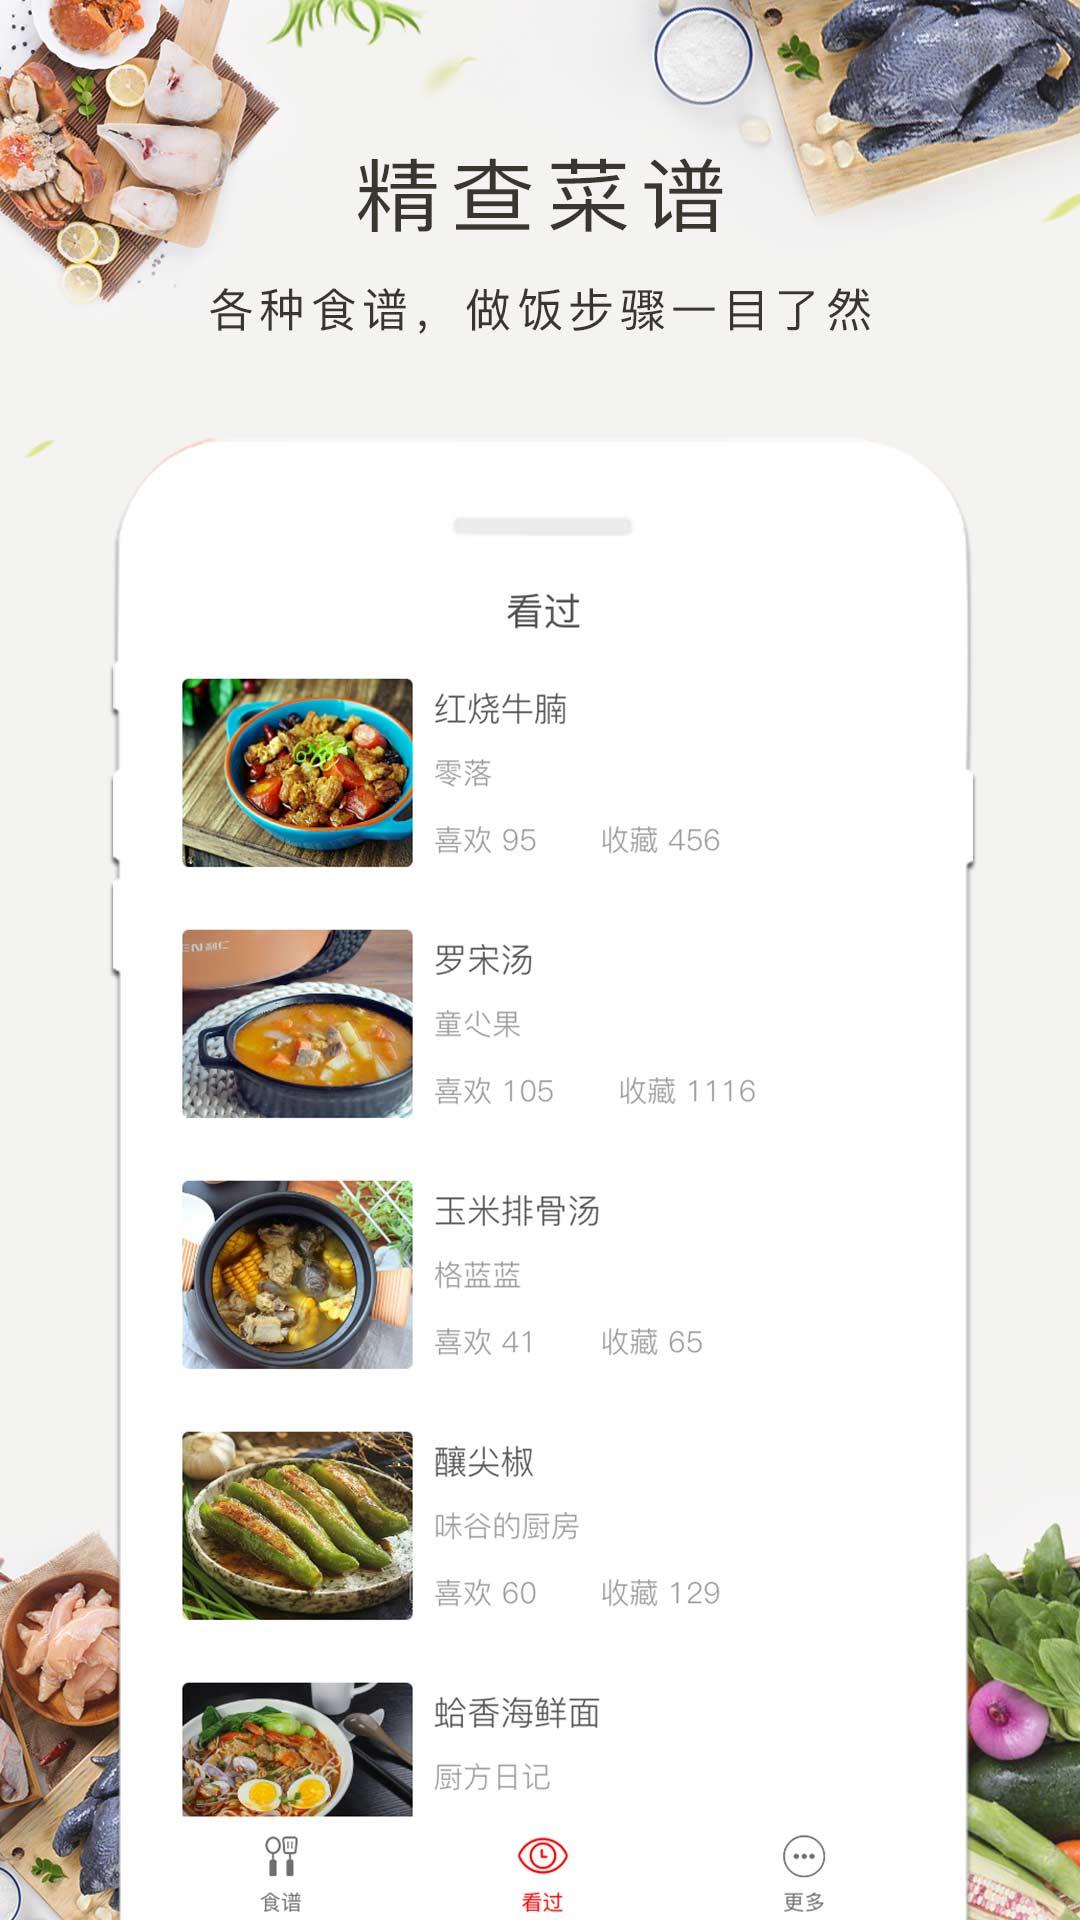 食谱大全书 V1.2.2 安卓版截图1